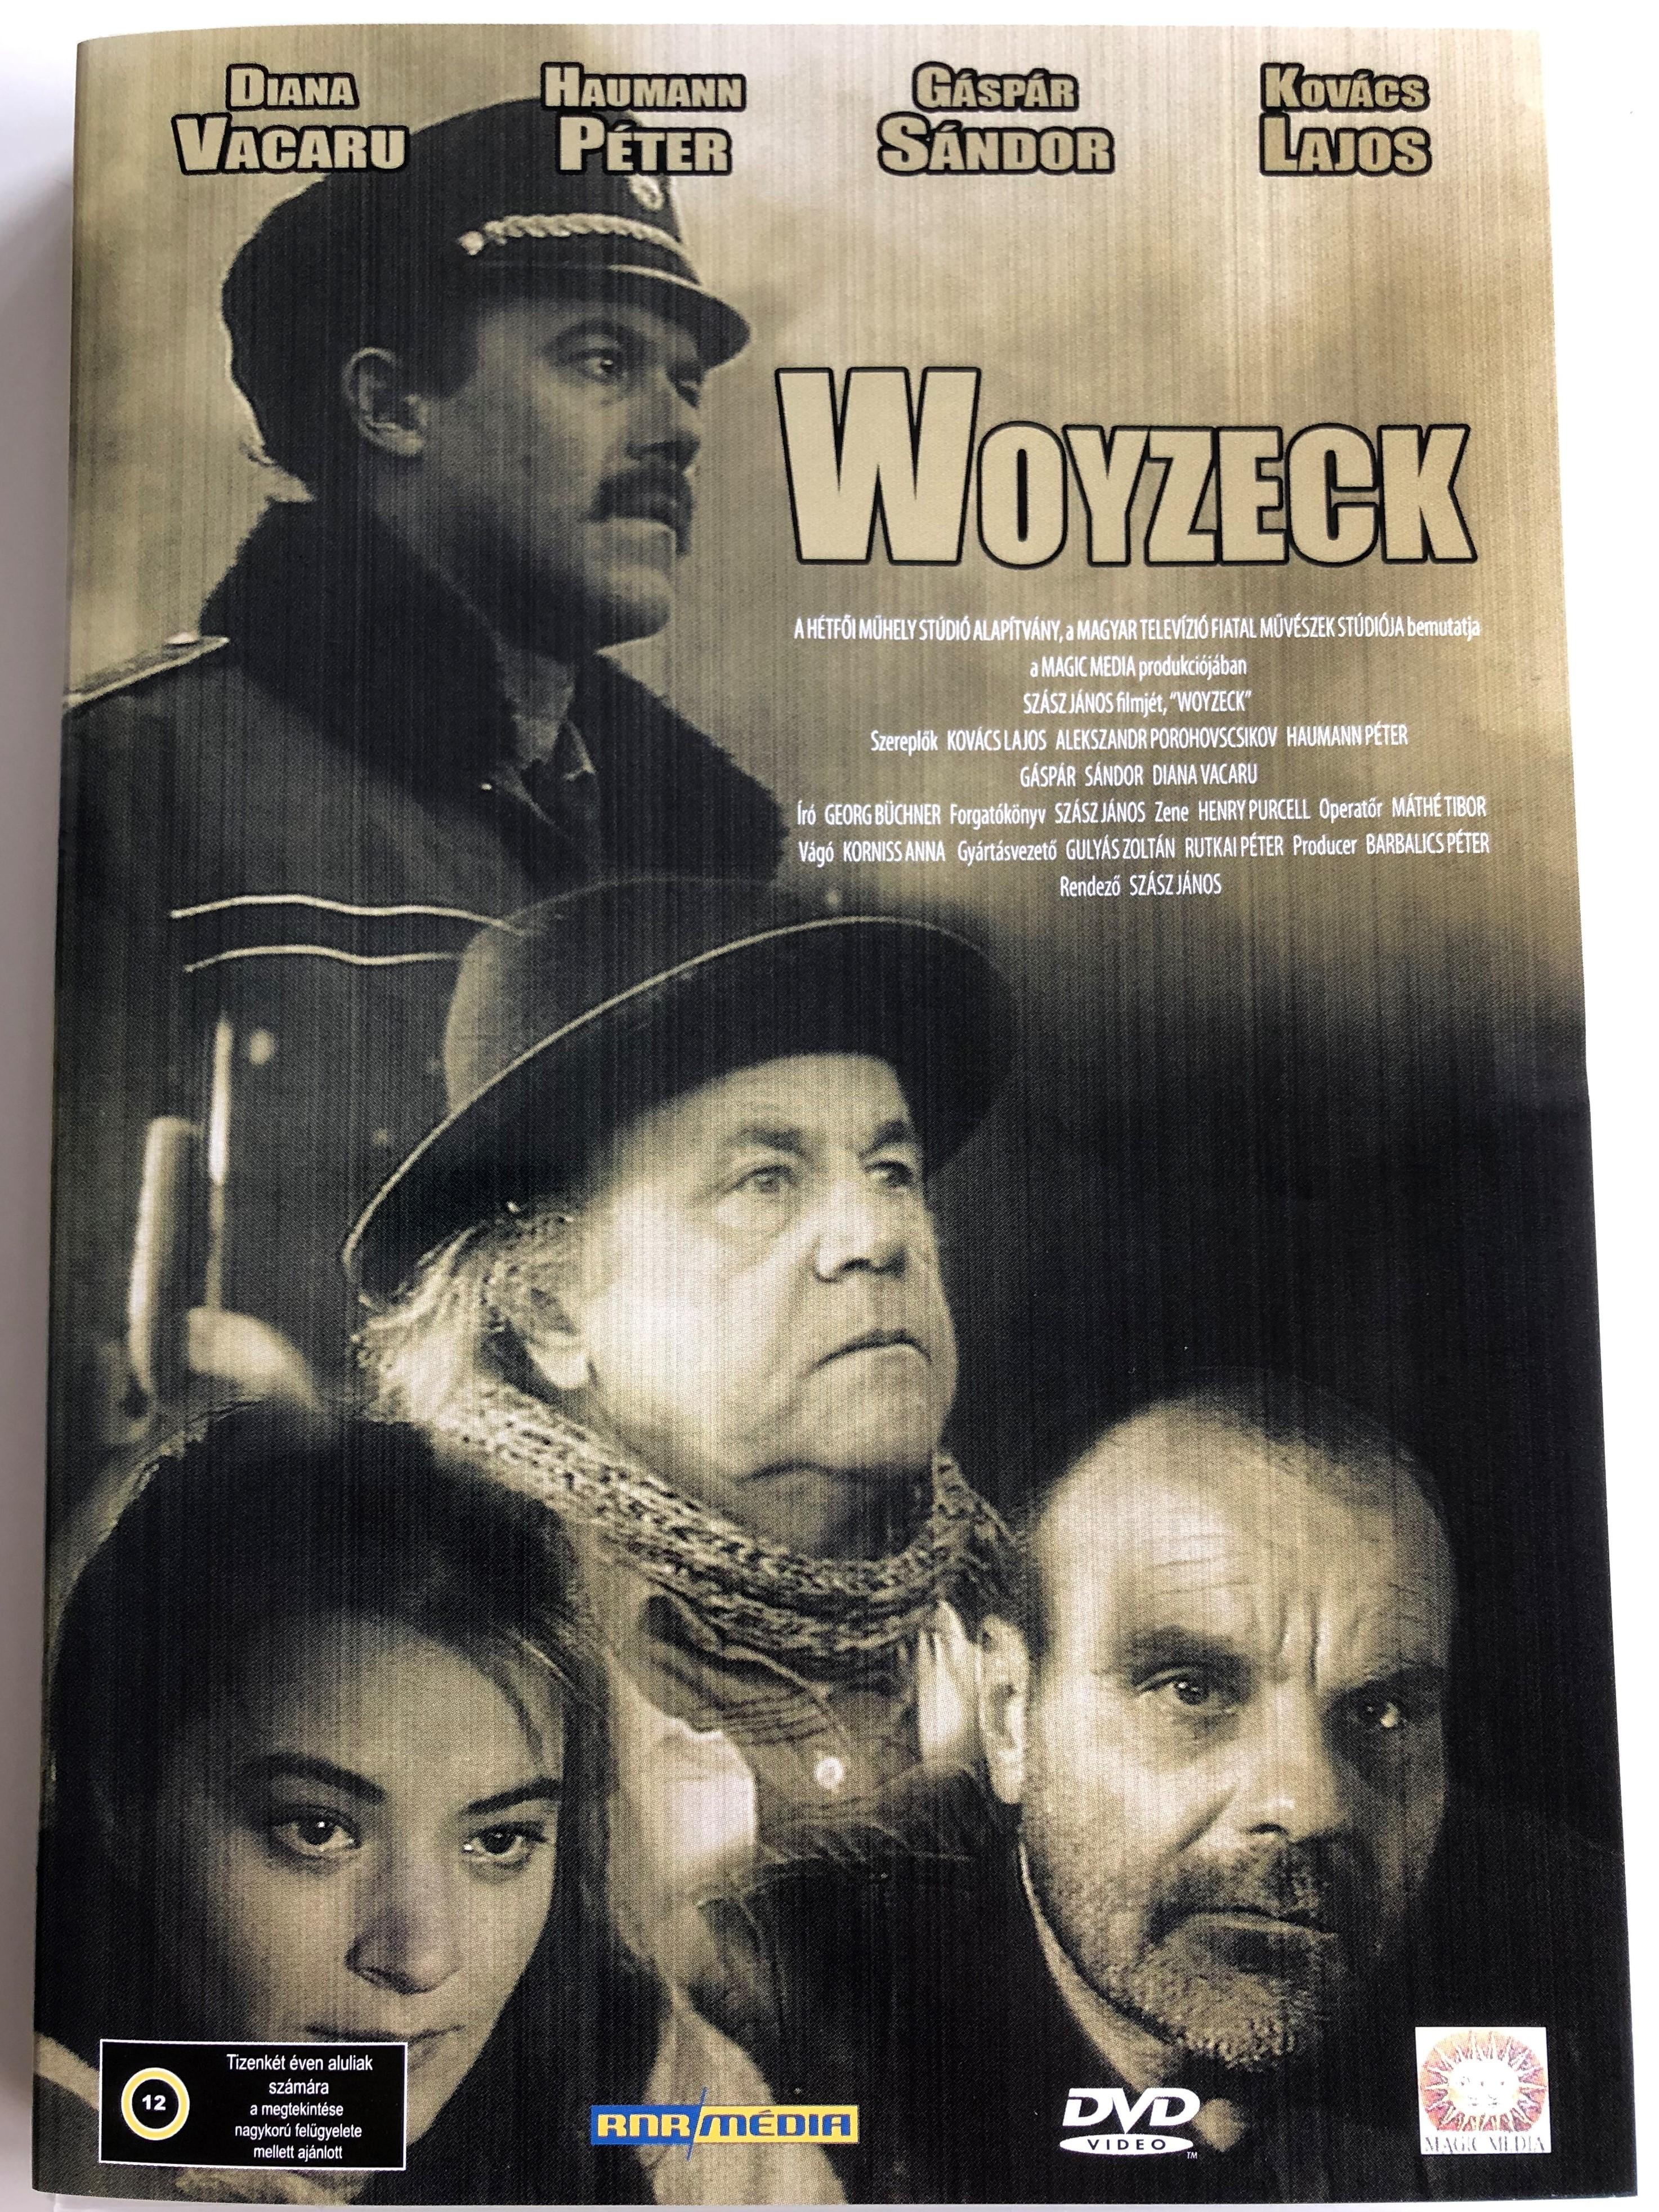 woyzeck-dvd-1994-directed-by-j-nos-sz-sz-1.jpg